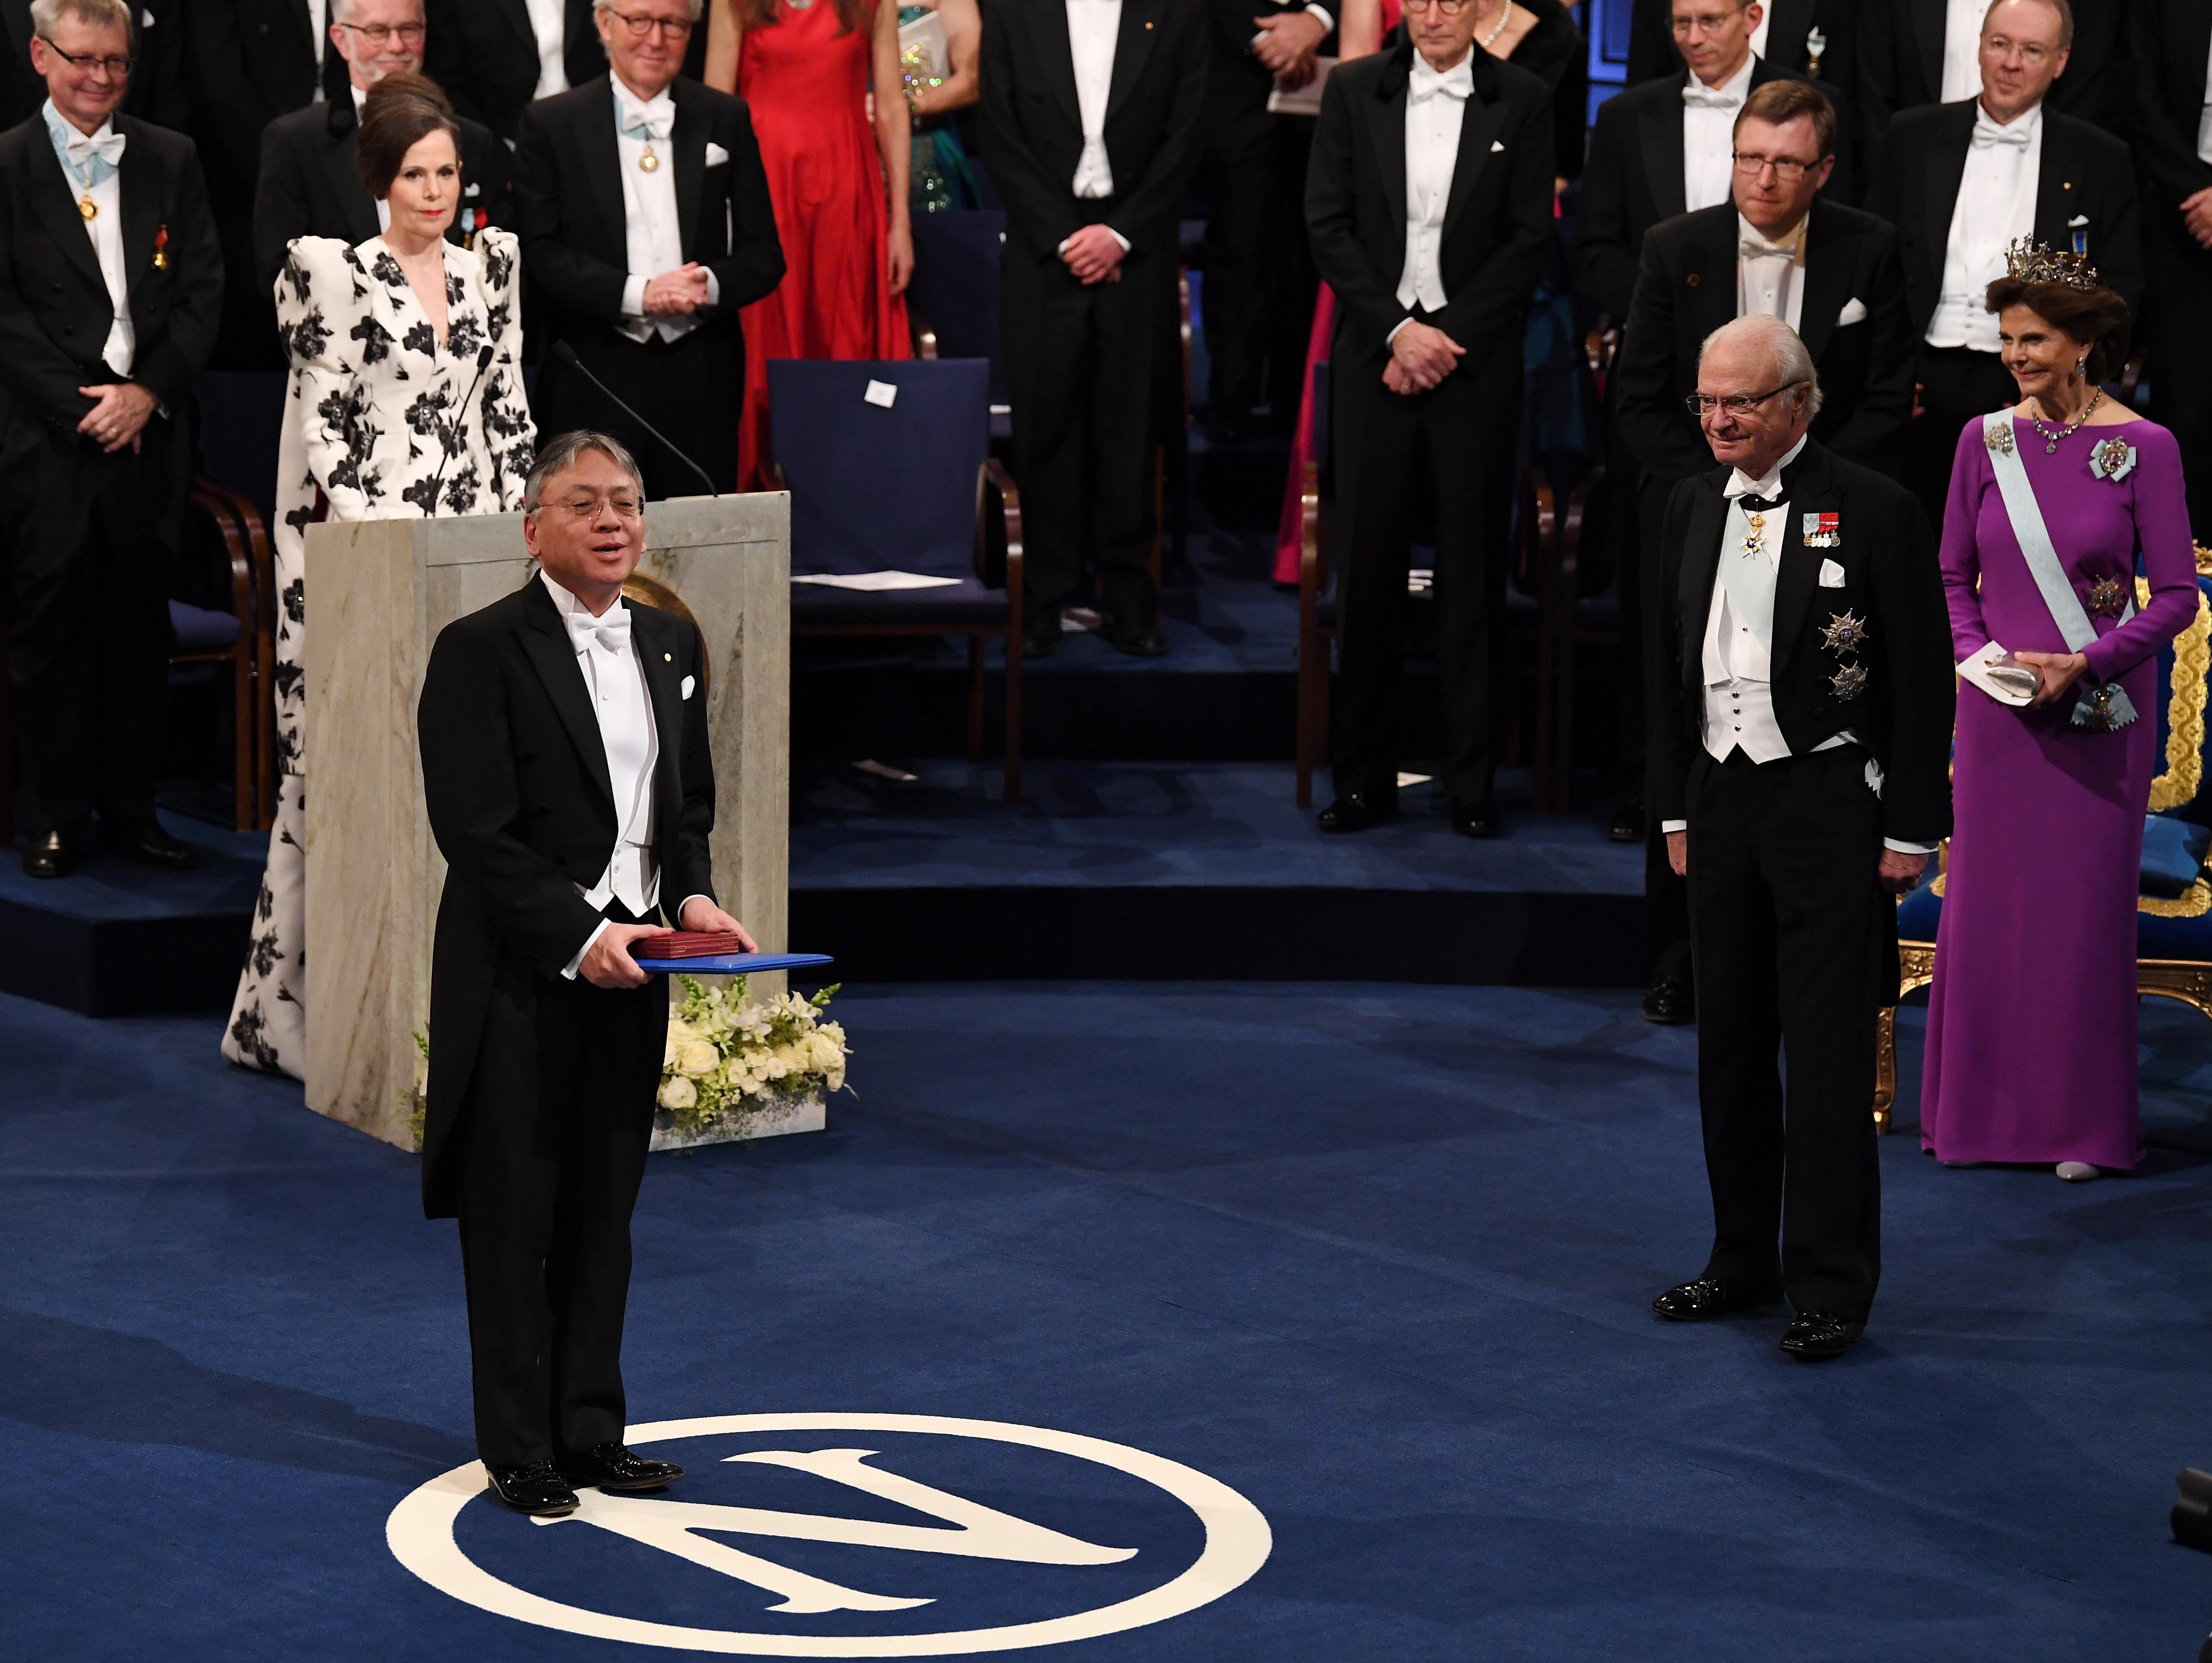 דרמה: על רקע האשמות בתקיפות מיניות, בוטלה חלוקת פרס נובל לספרות לשנה זו